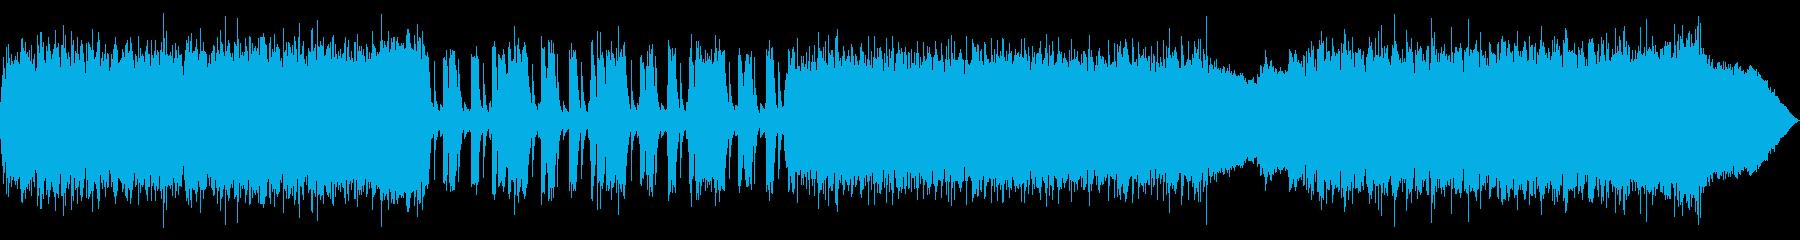 メタルバンド風BGMの再生済みの波形